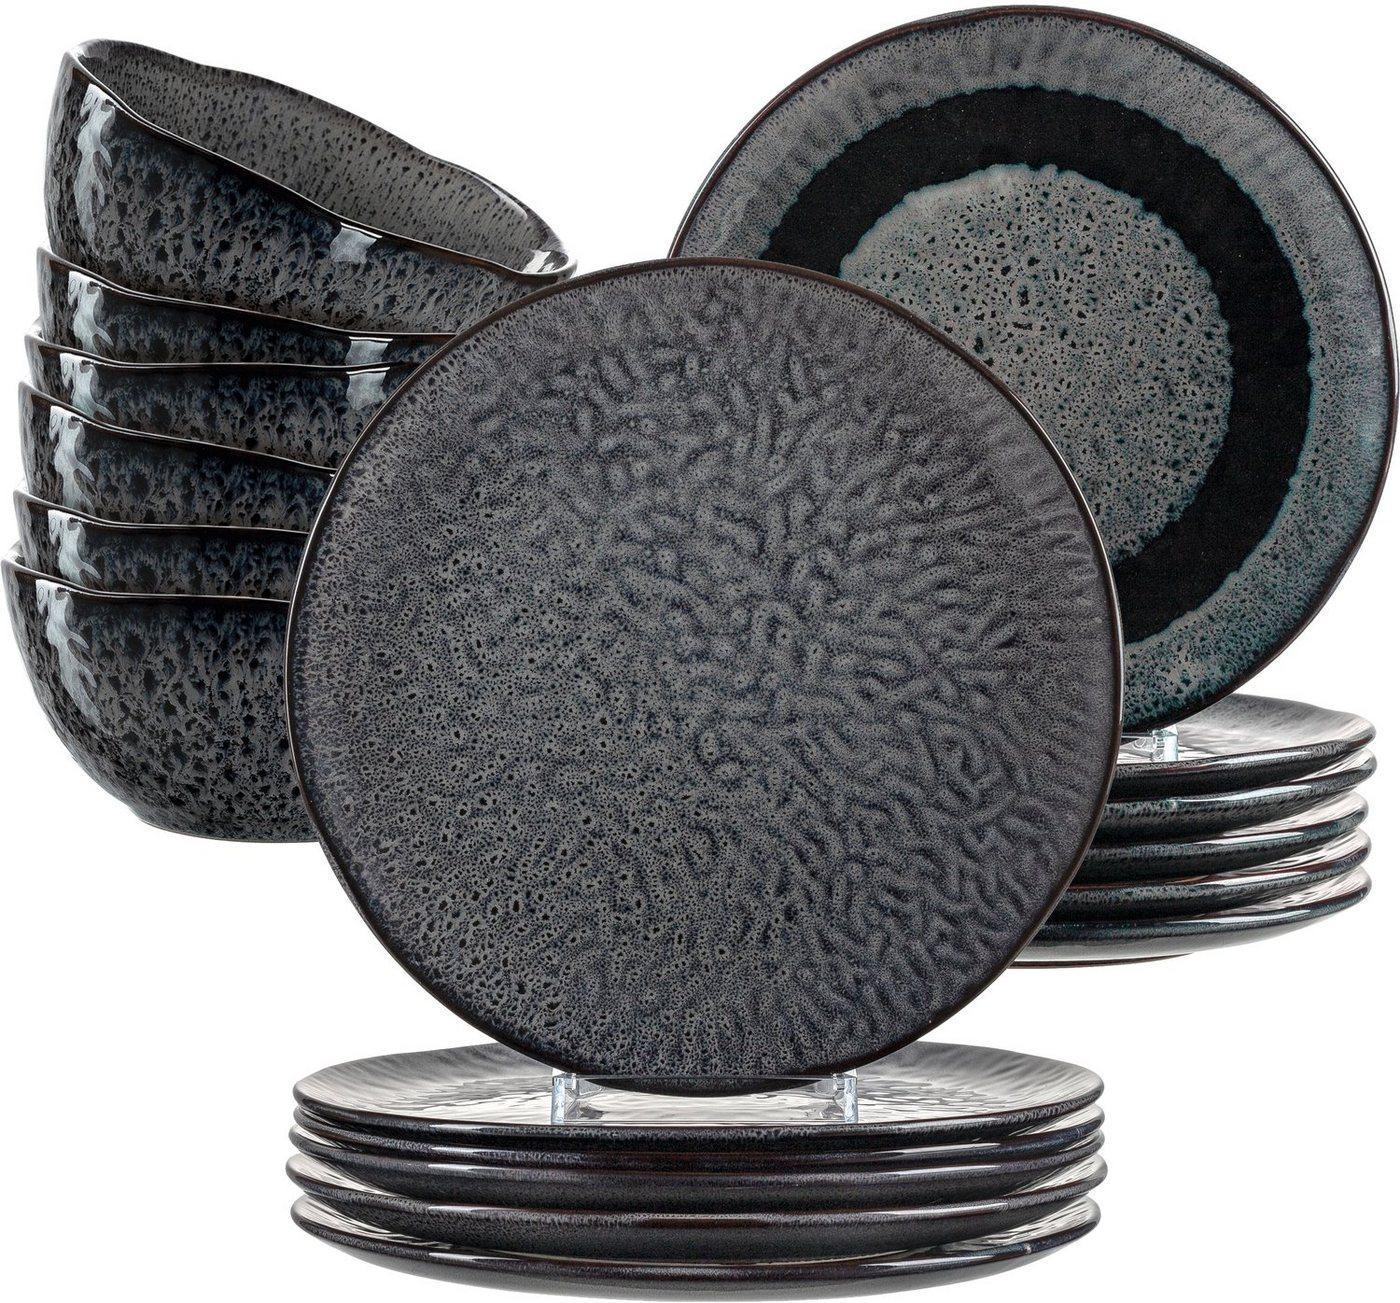 LEONARDO Geschirr-Set »Matera« (18-tlg), Keramik, rustikaler Look, grau